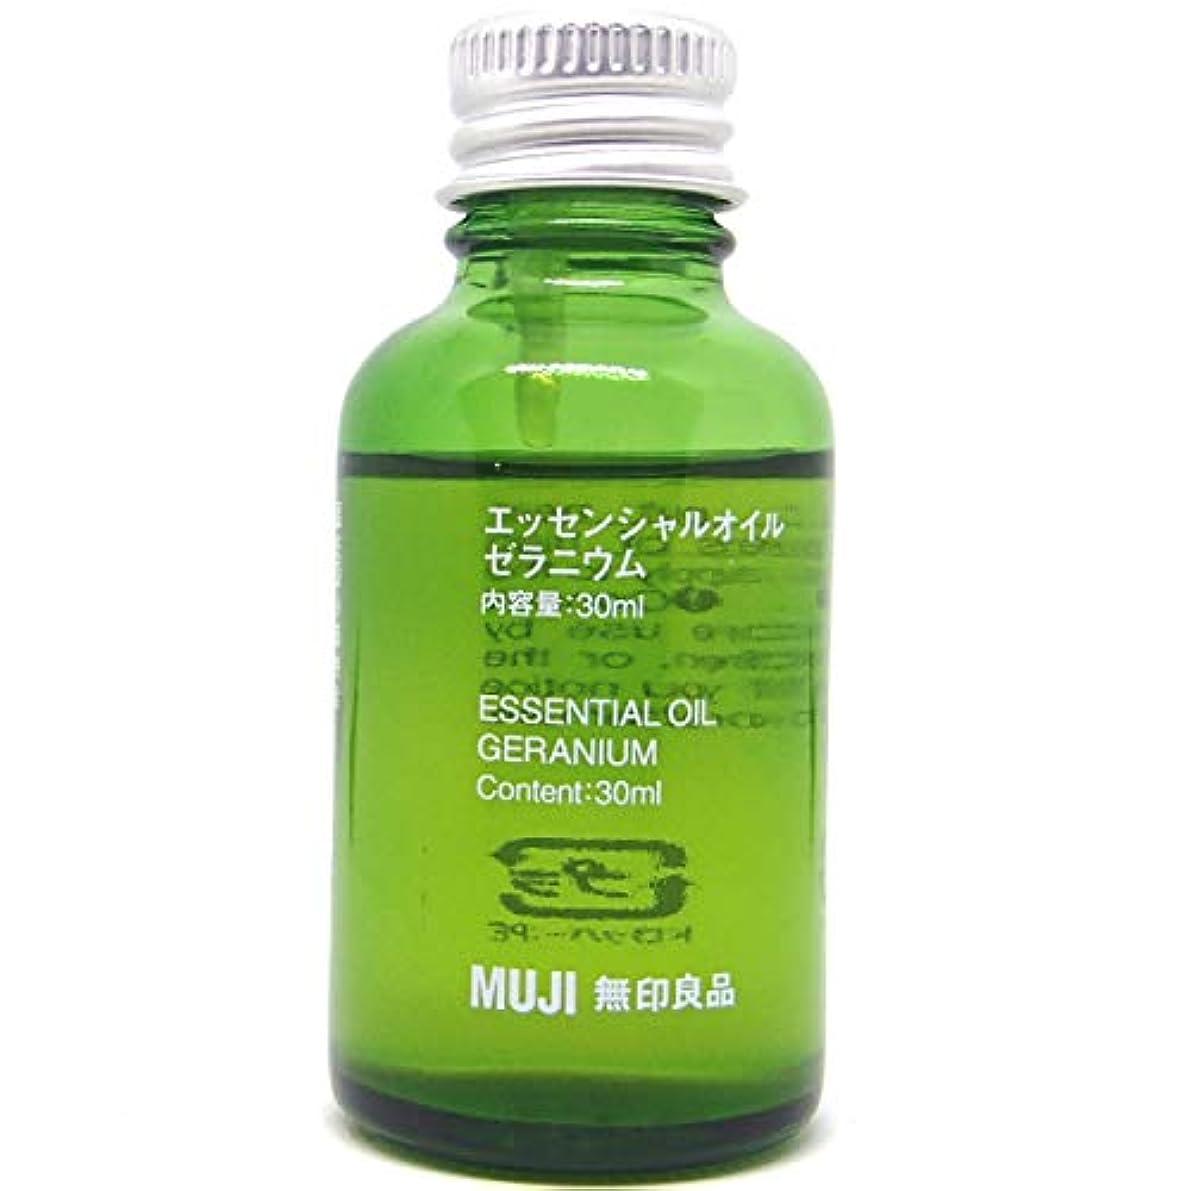 リンクストッキング番号【無印良品】エッセンシャルオイル30ml(ゼラニウム)